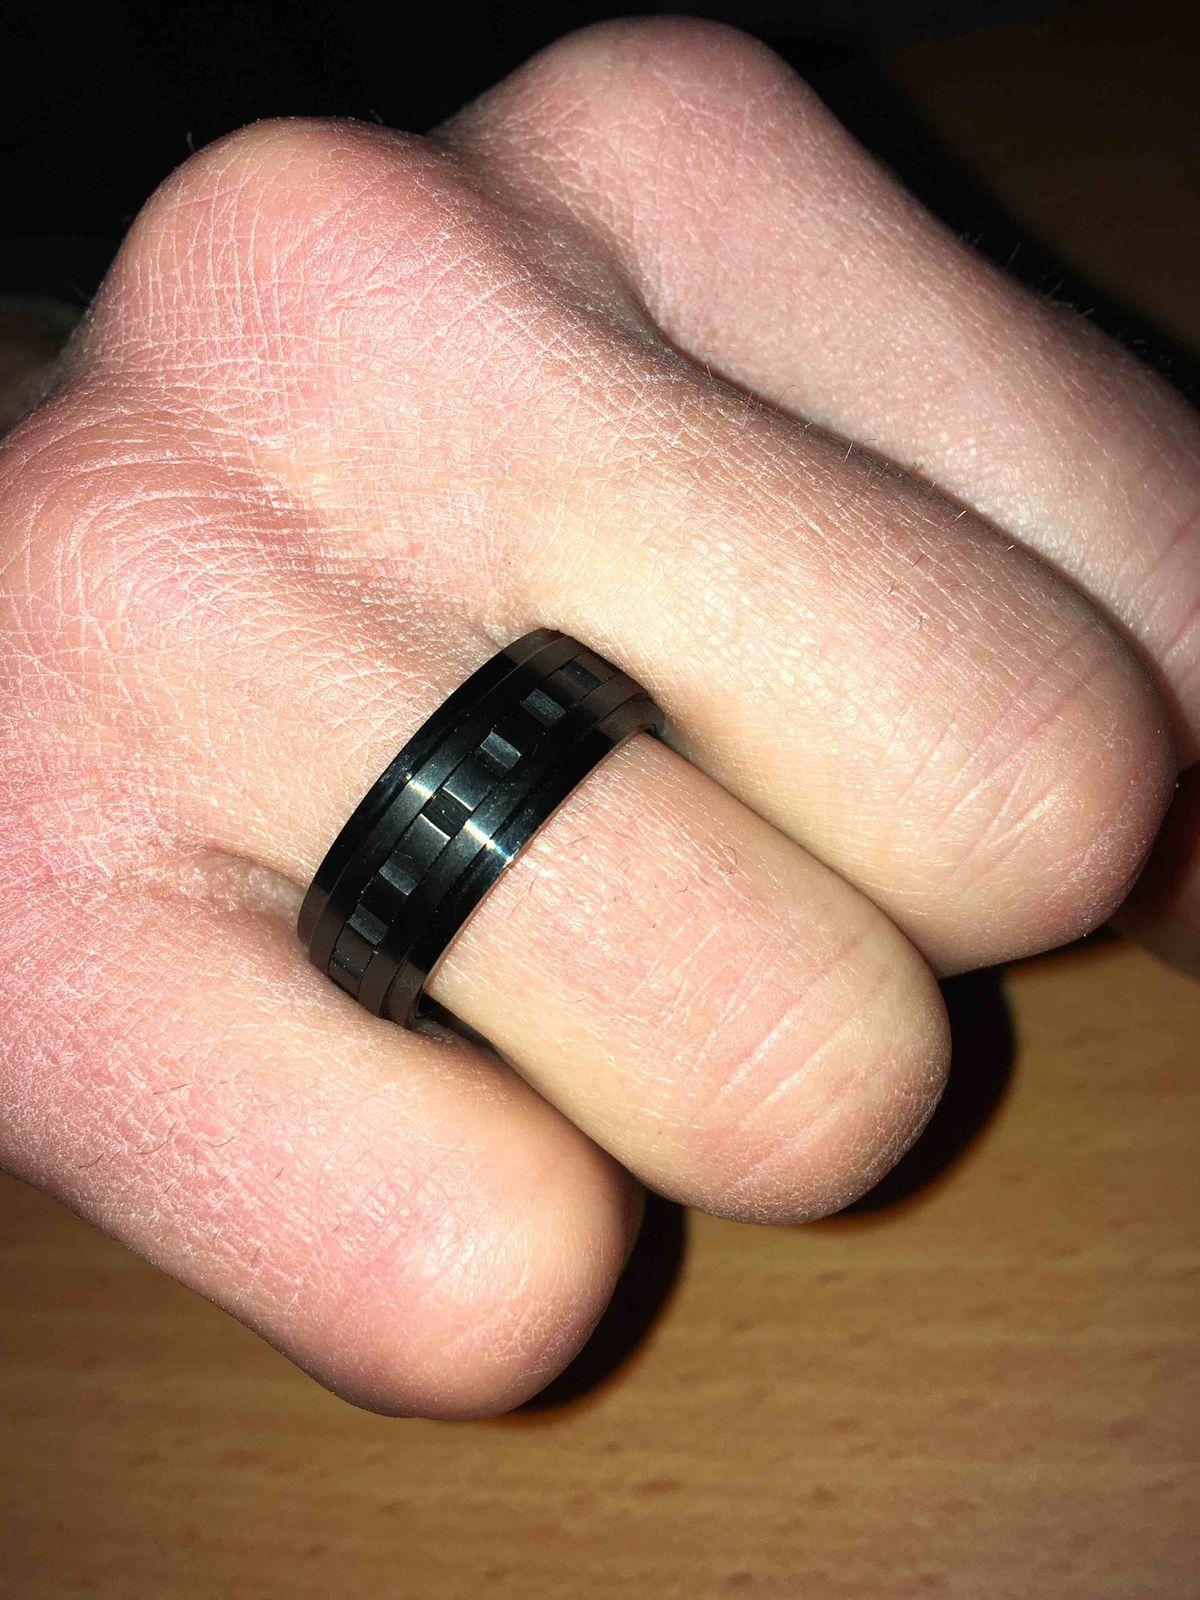 Оригинальное кольцо. Очень долго определялся  с выбором, потому что выбор !